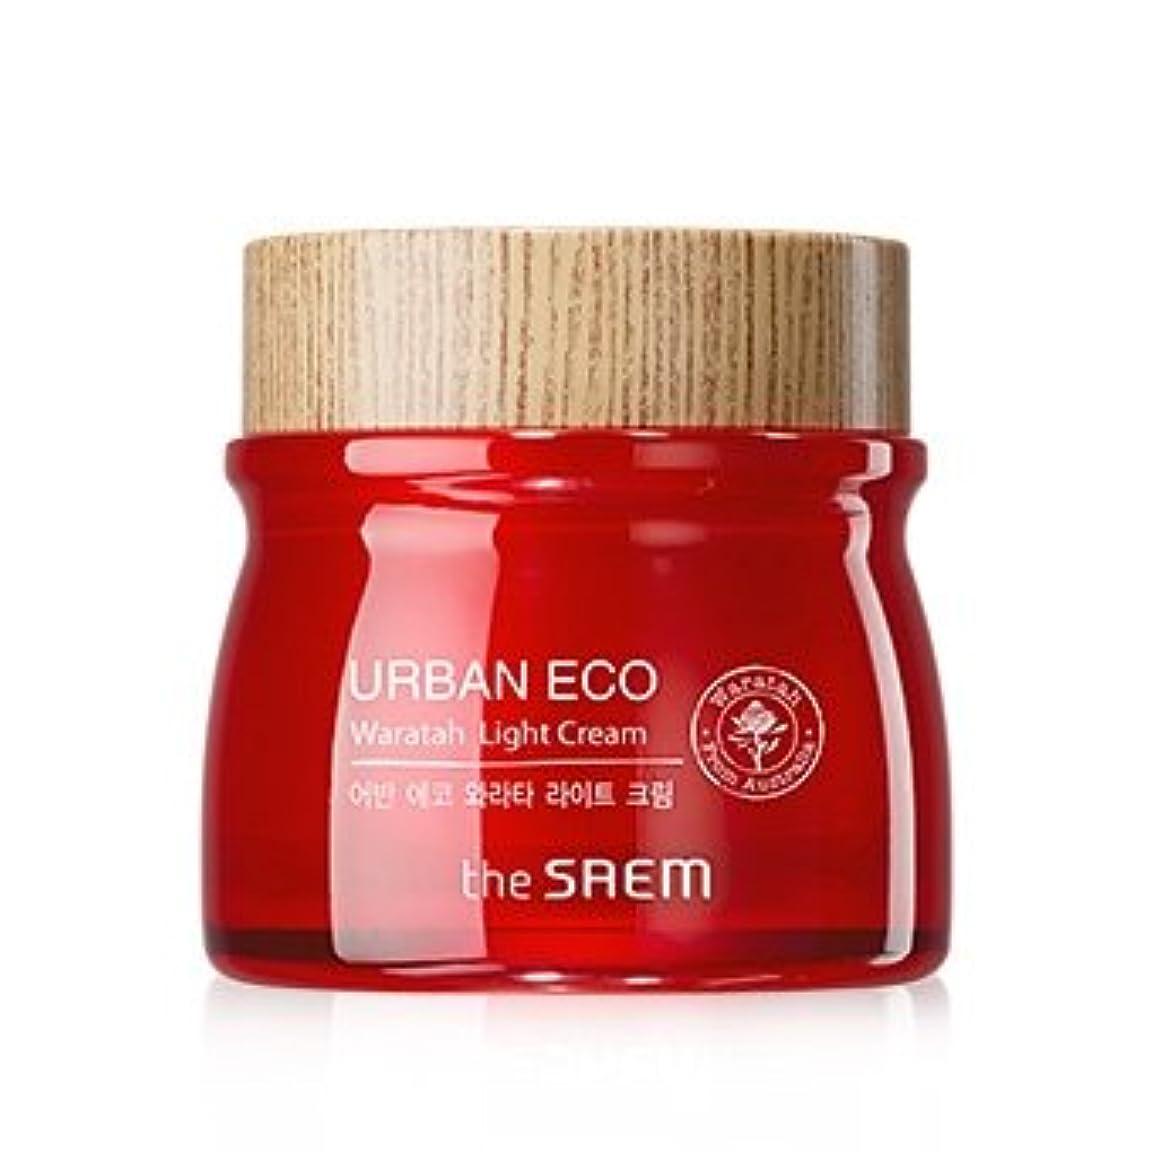 フォーマル湿度アルファベット順The Saem Urban Eco Waratah Light Cream 60ml ドセム アーバンエコワラターライトクリーム60ml[並行輸入品]